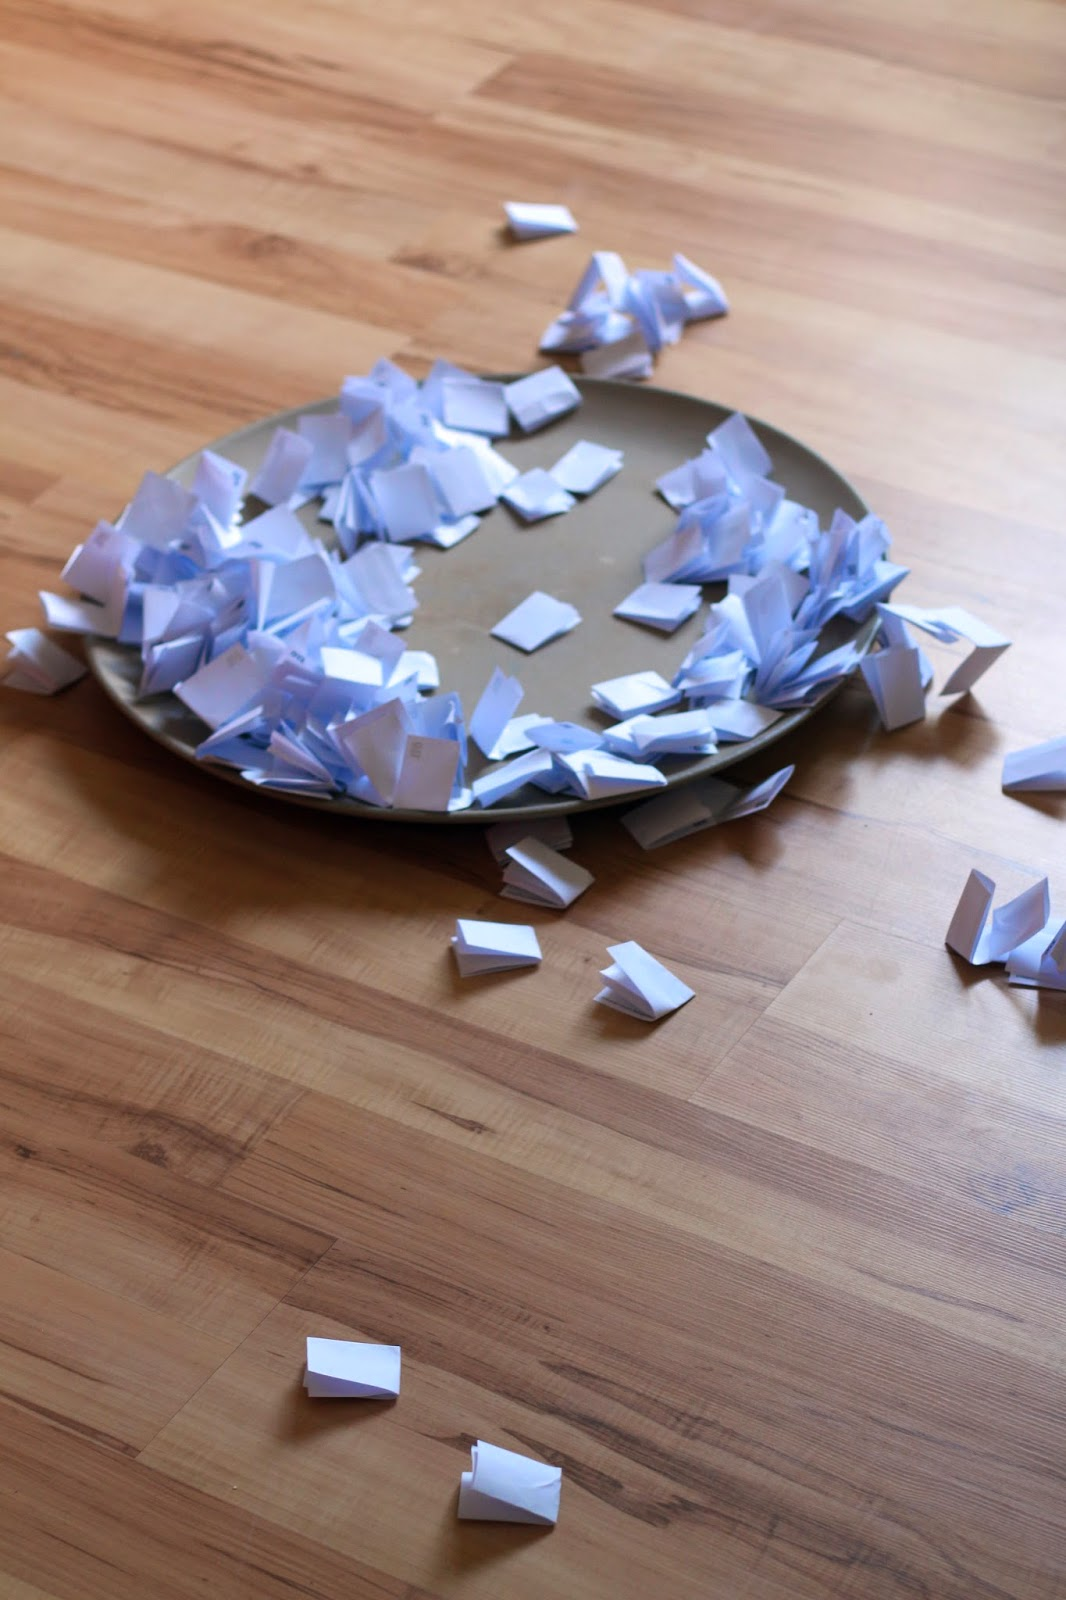 Die Reste vom Feste | Arthurs Tochter Kocht by Astrid Paul